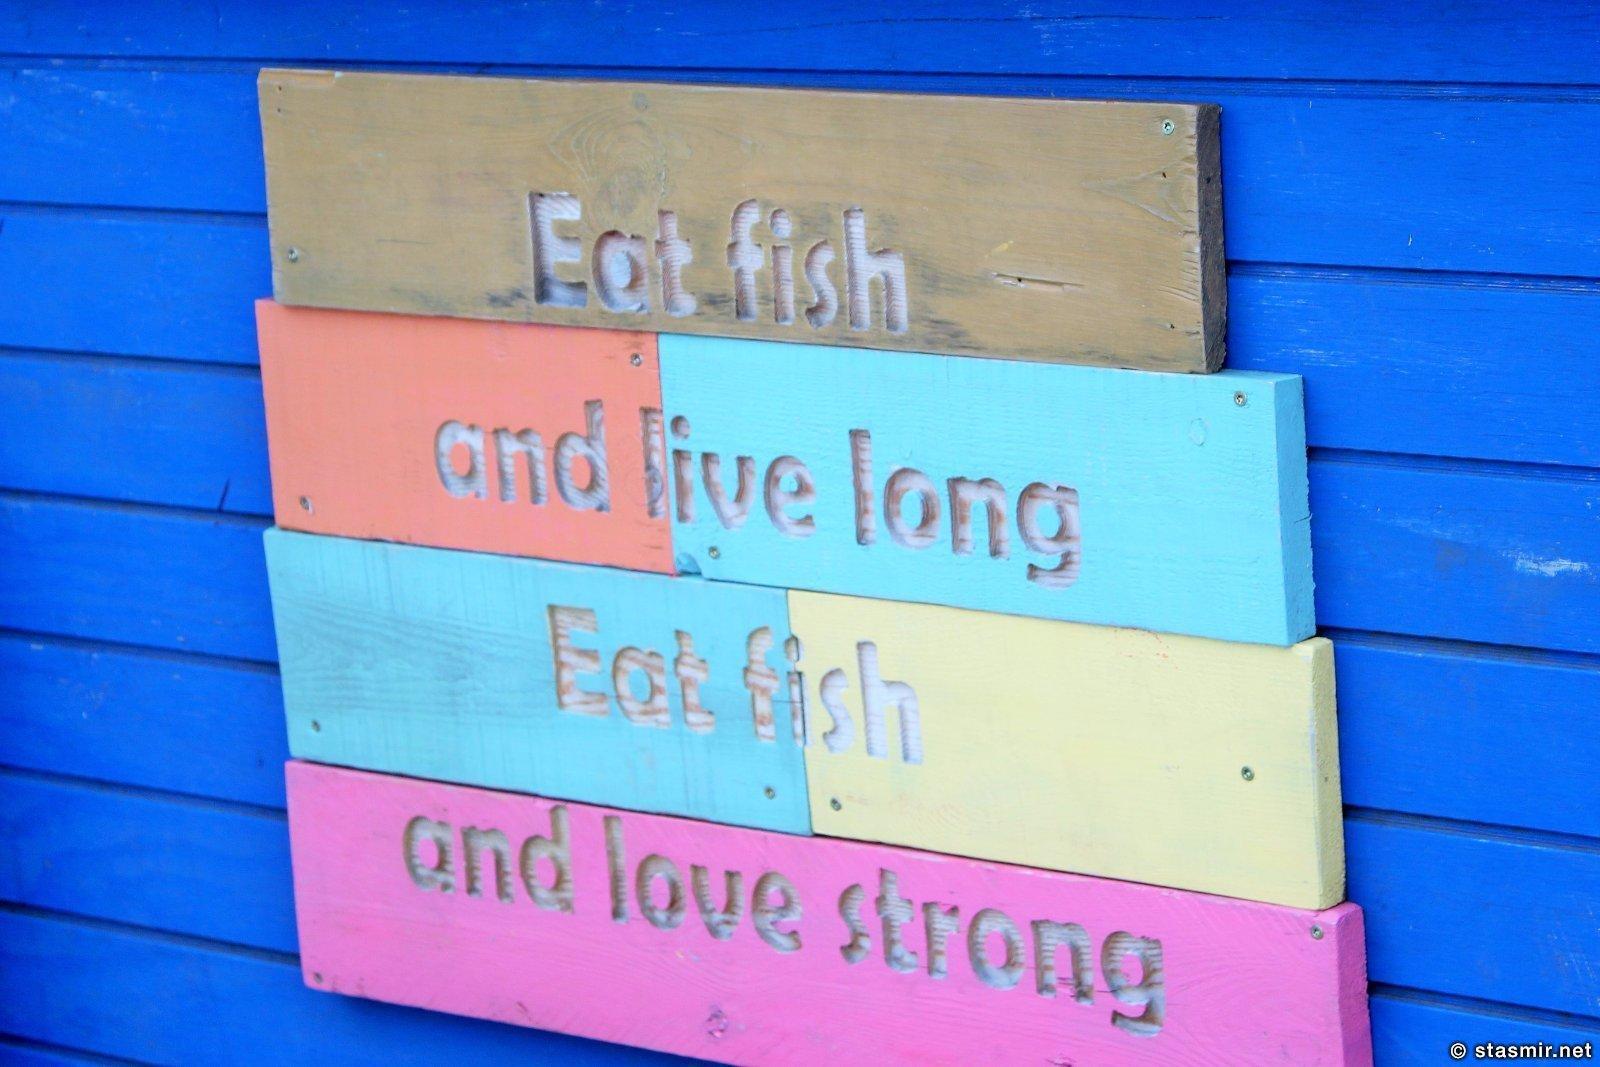 Гриндавик, Рейкьянес, Исландия, Eat fish live long, eat fish love strong, Photo Stasmir, Фото Стасмир